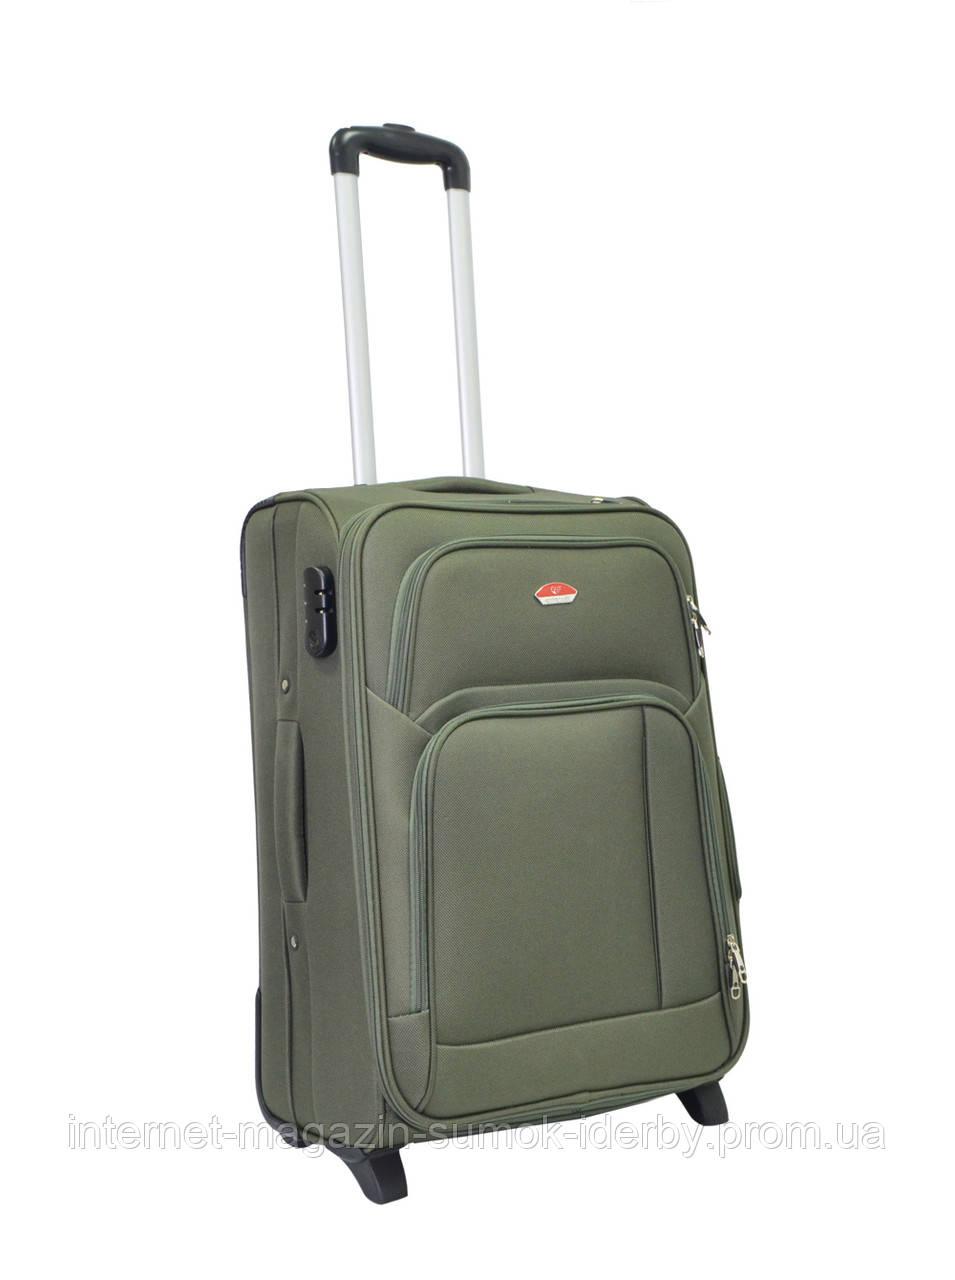 Чемодан Suitcase средний 11404-24 хаки